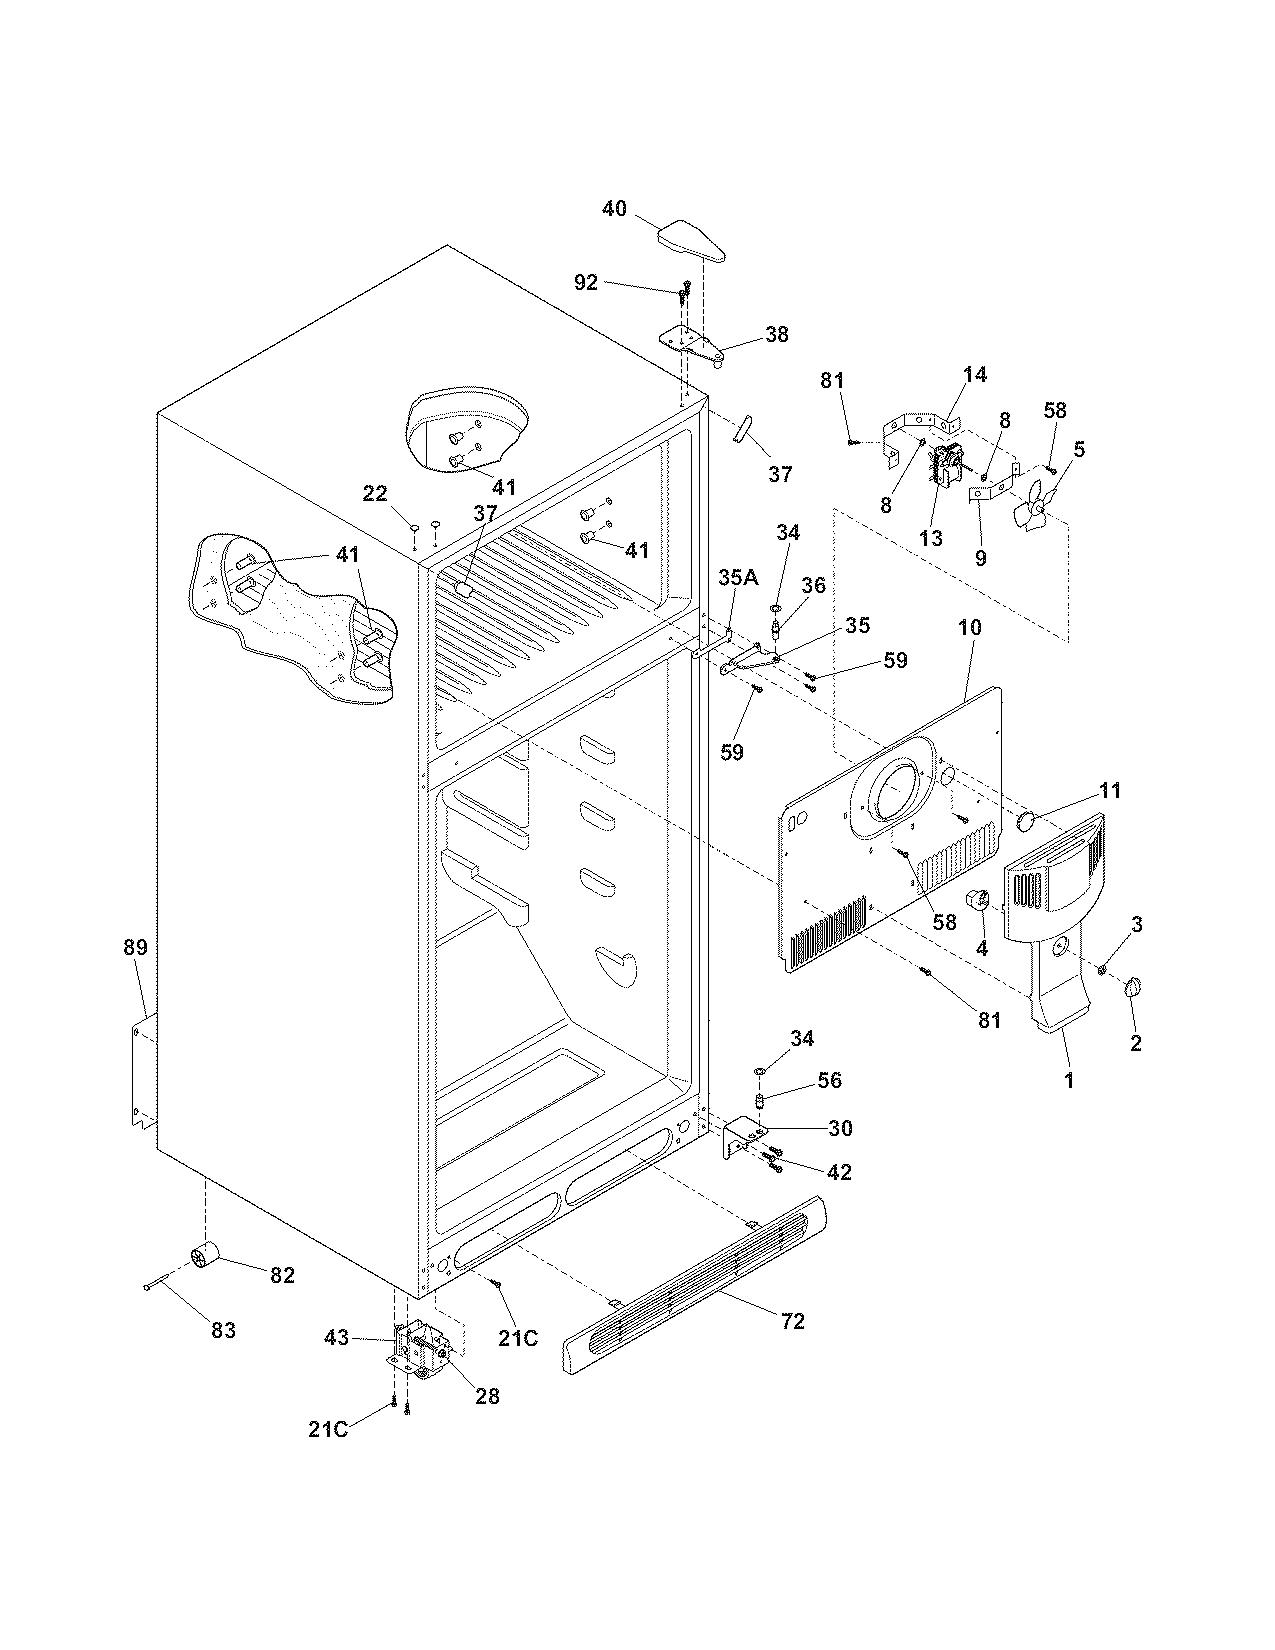 Kenmore model 25378172800 top-mount refrigerator genuine parts